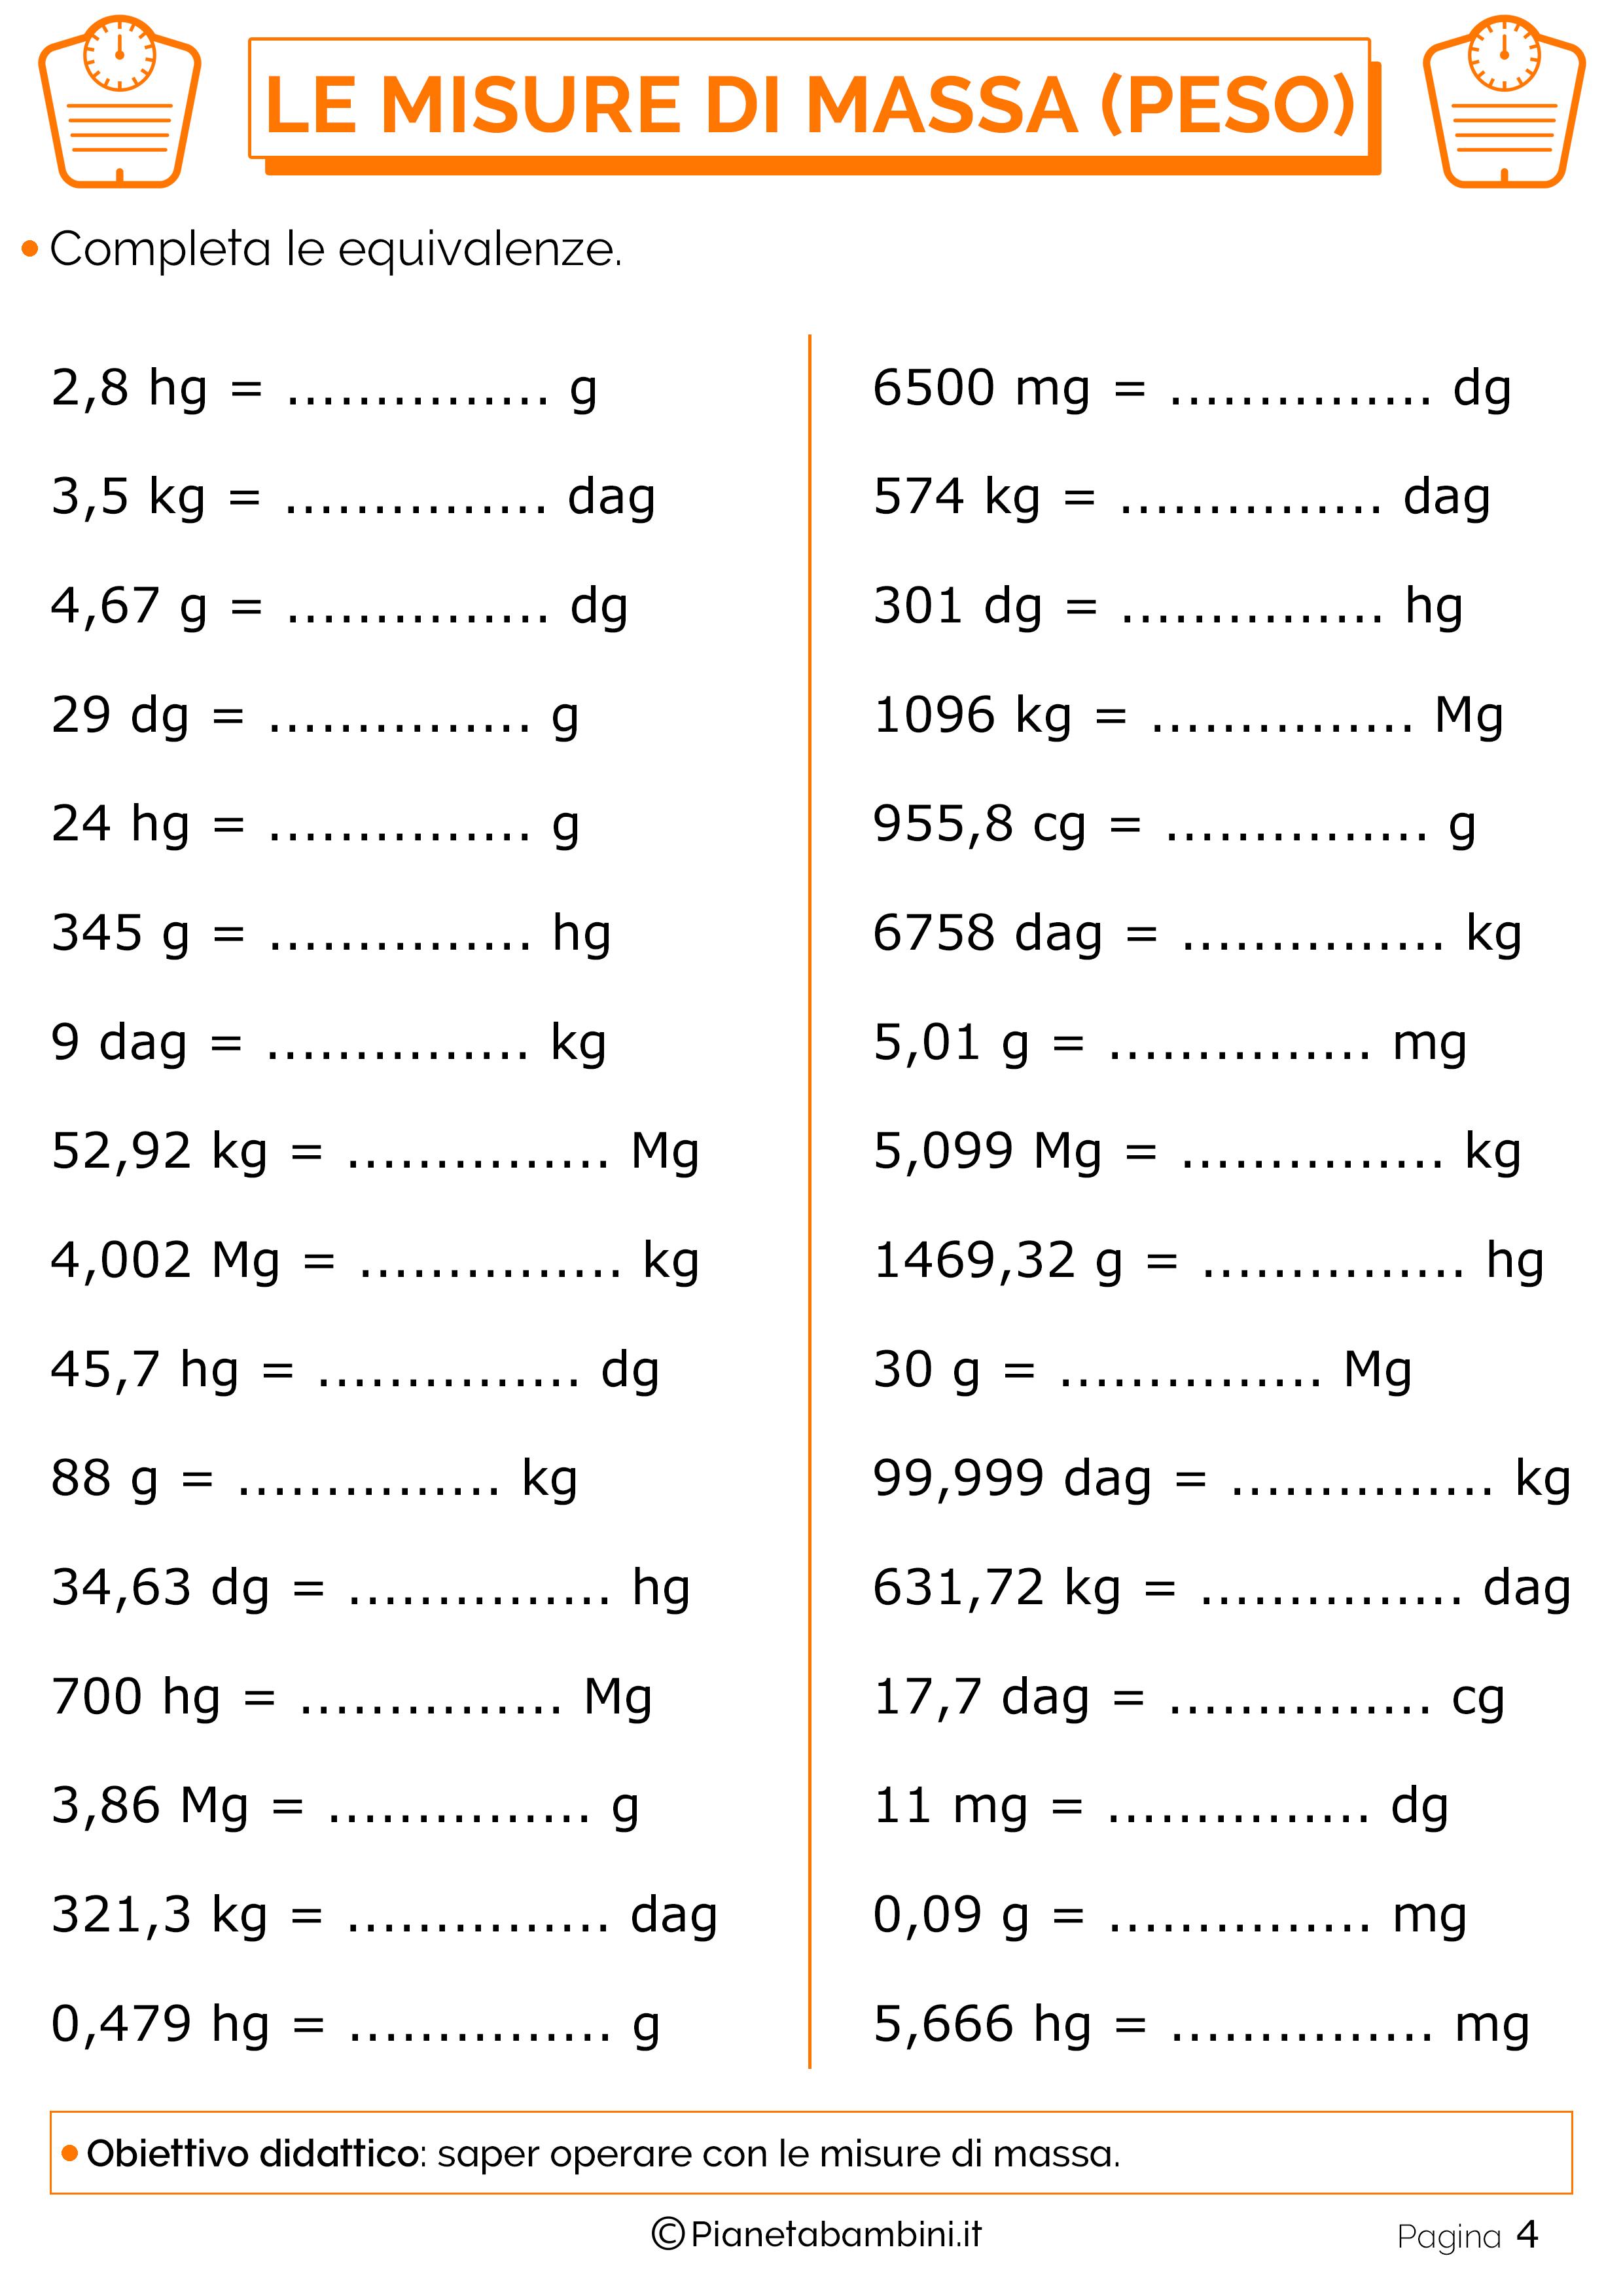 Equivalenze-Misure-Massa-Peso-2